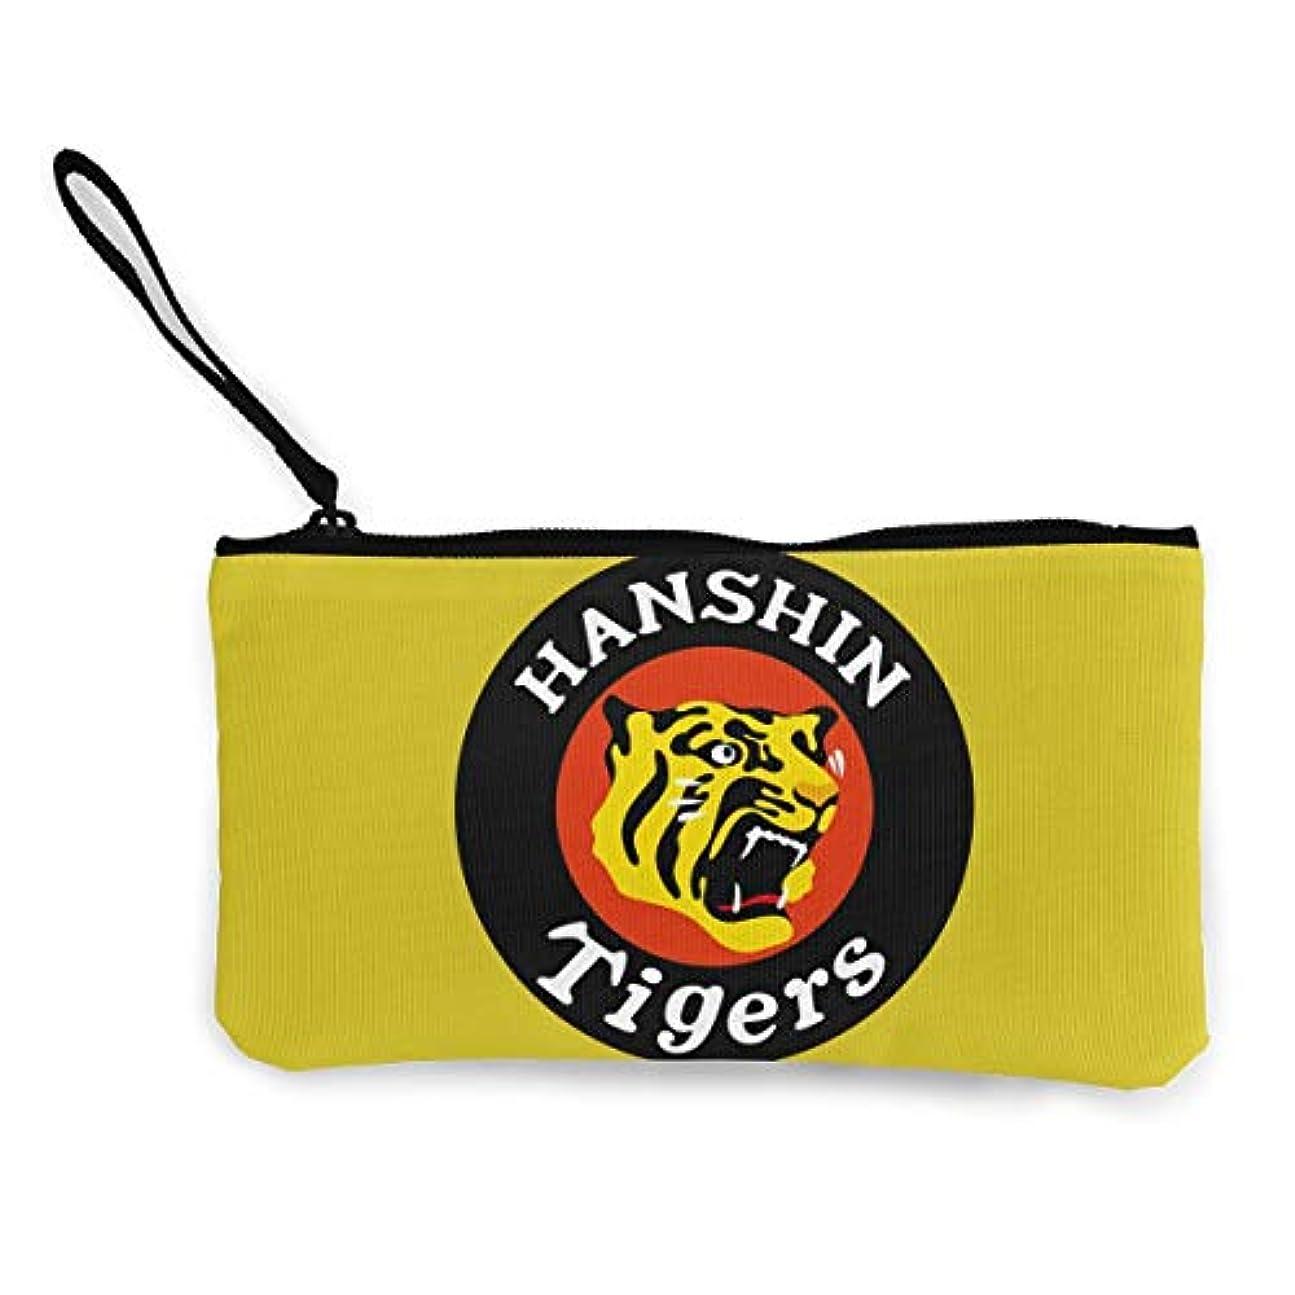 作り鋸歯状立法阪神タイガース 小銭入れ ワレット 財布 キャンバス ジッパー付きハンド 大容量